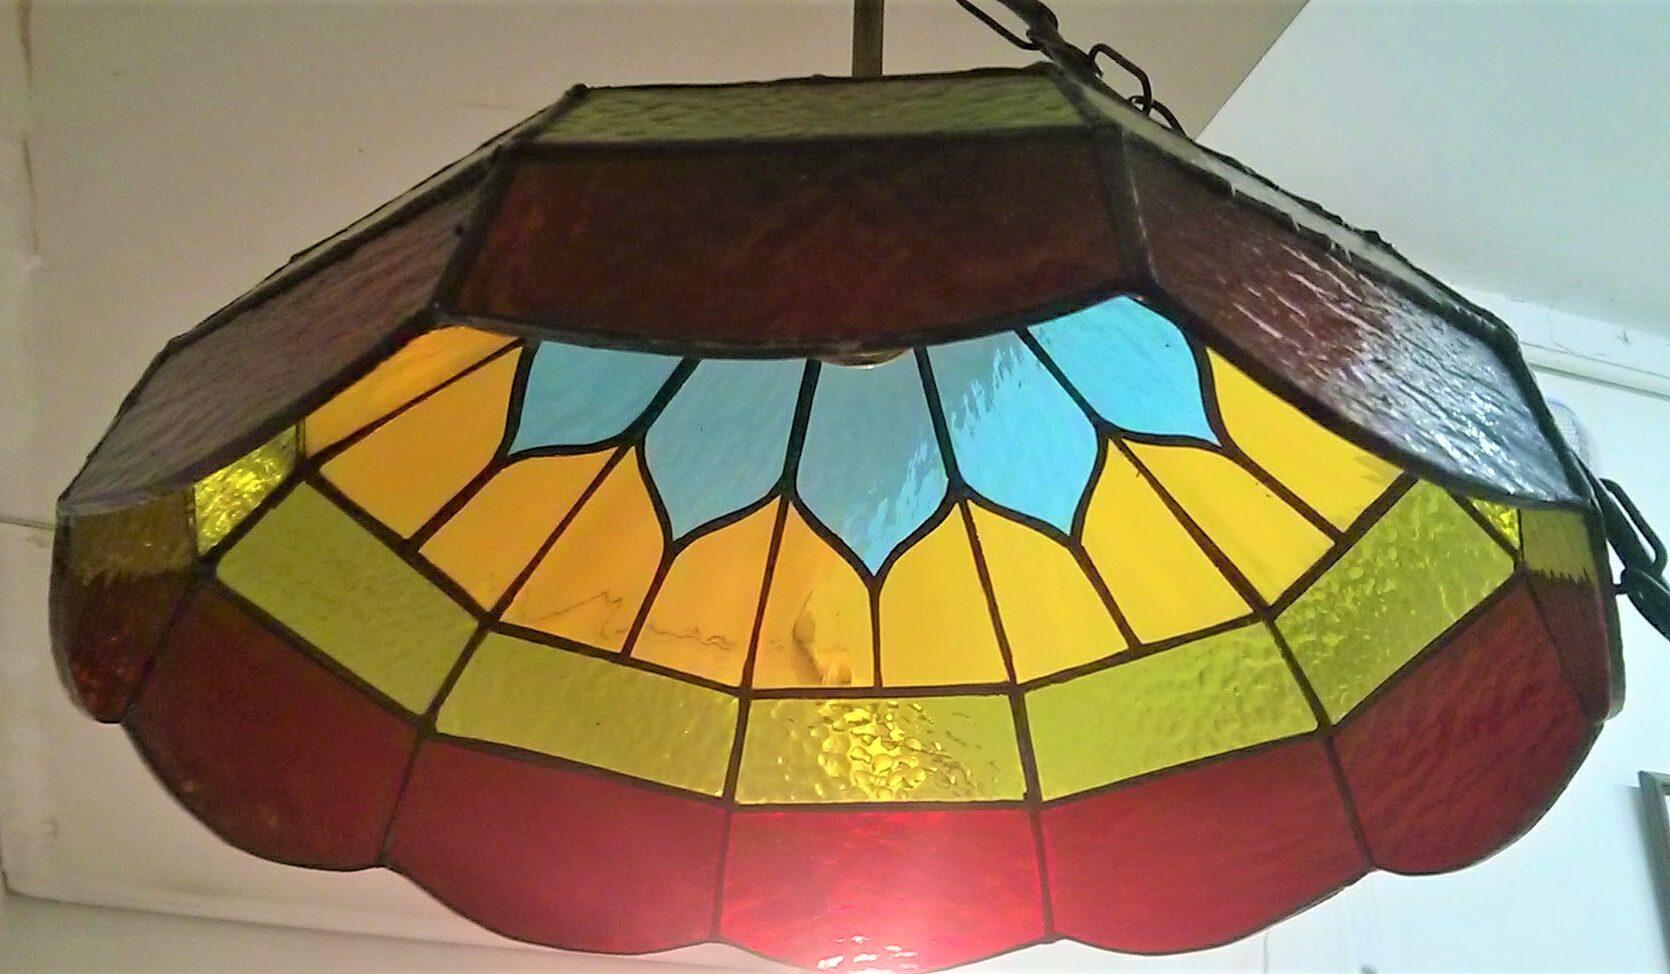 מנורת ויטראז לתלייה, מנורת טיפאני תלוייה פיצה צילי ירושלים